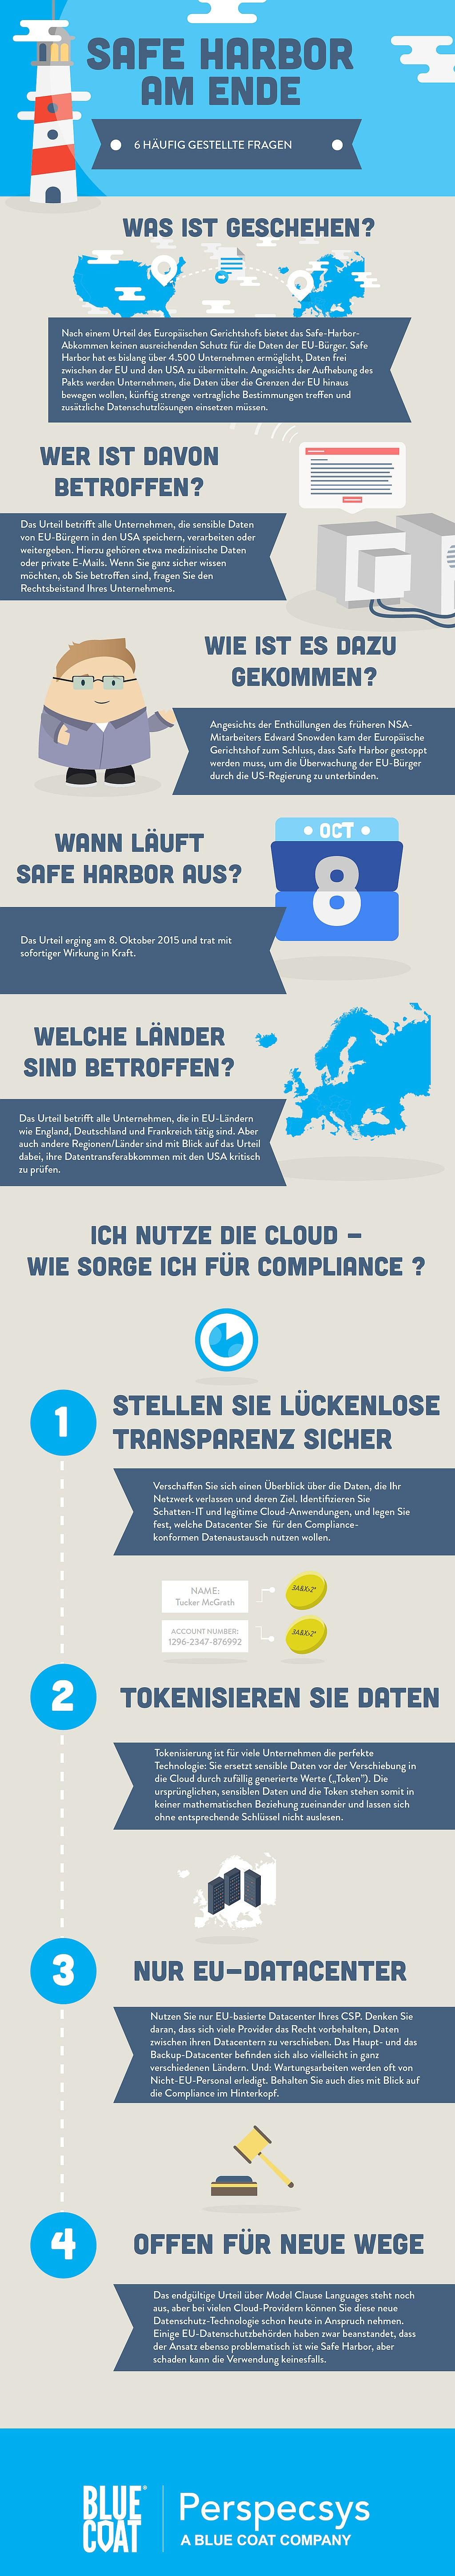 infografik blue coat safe harbor